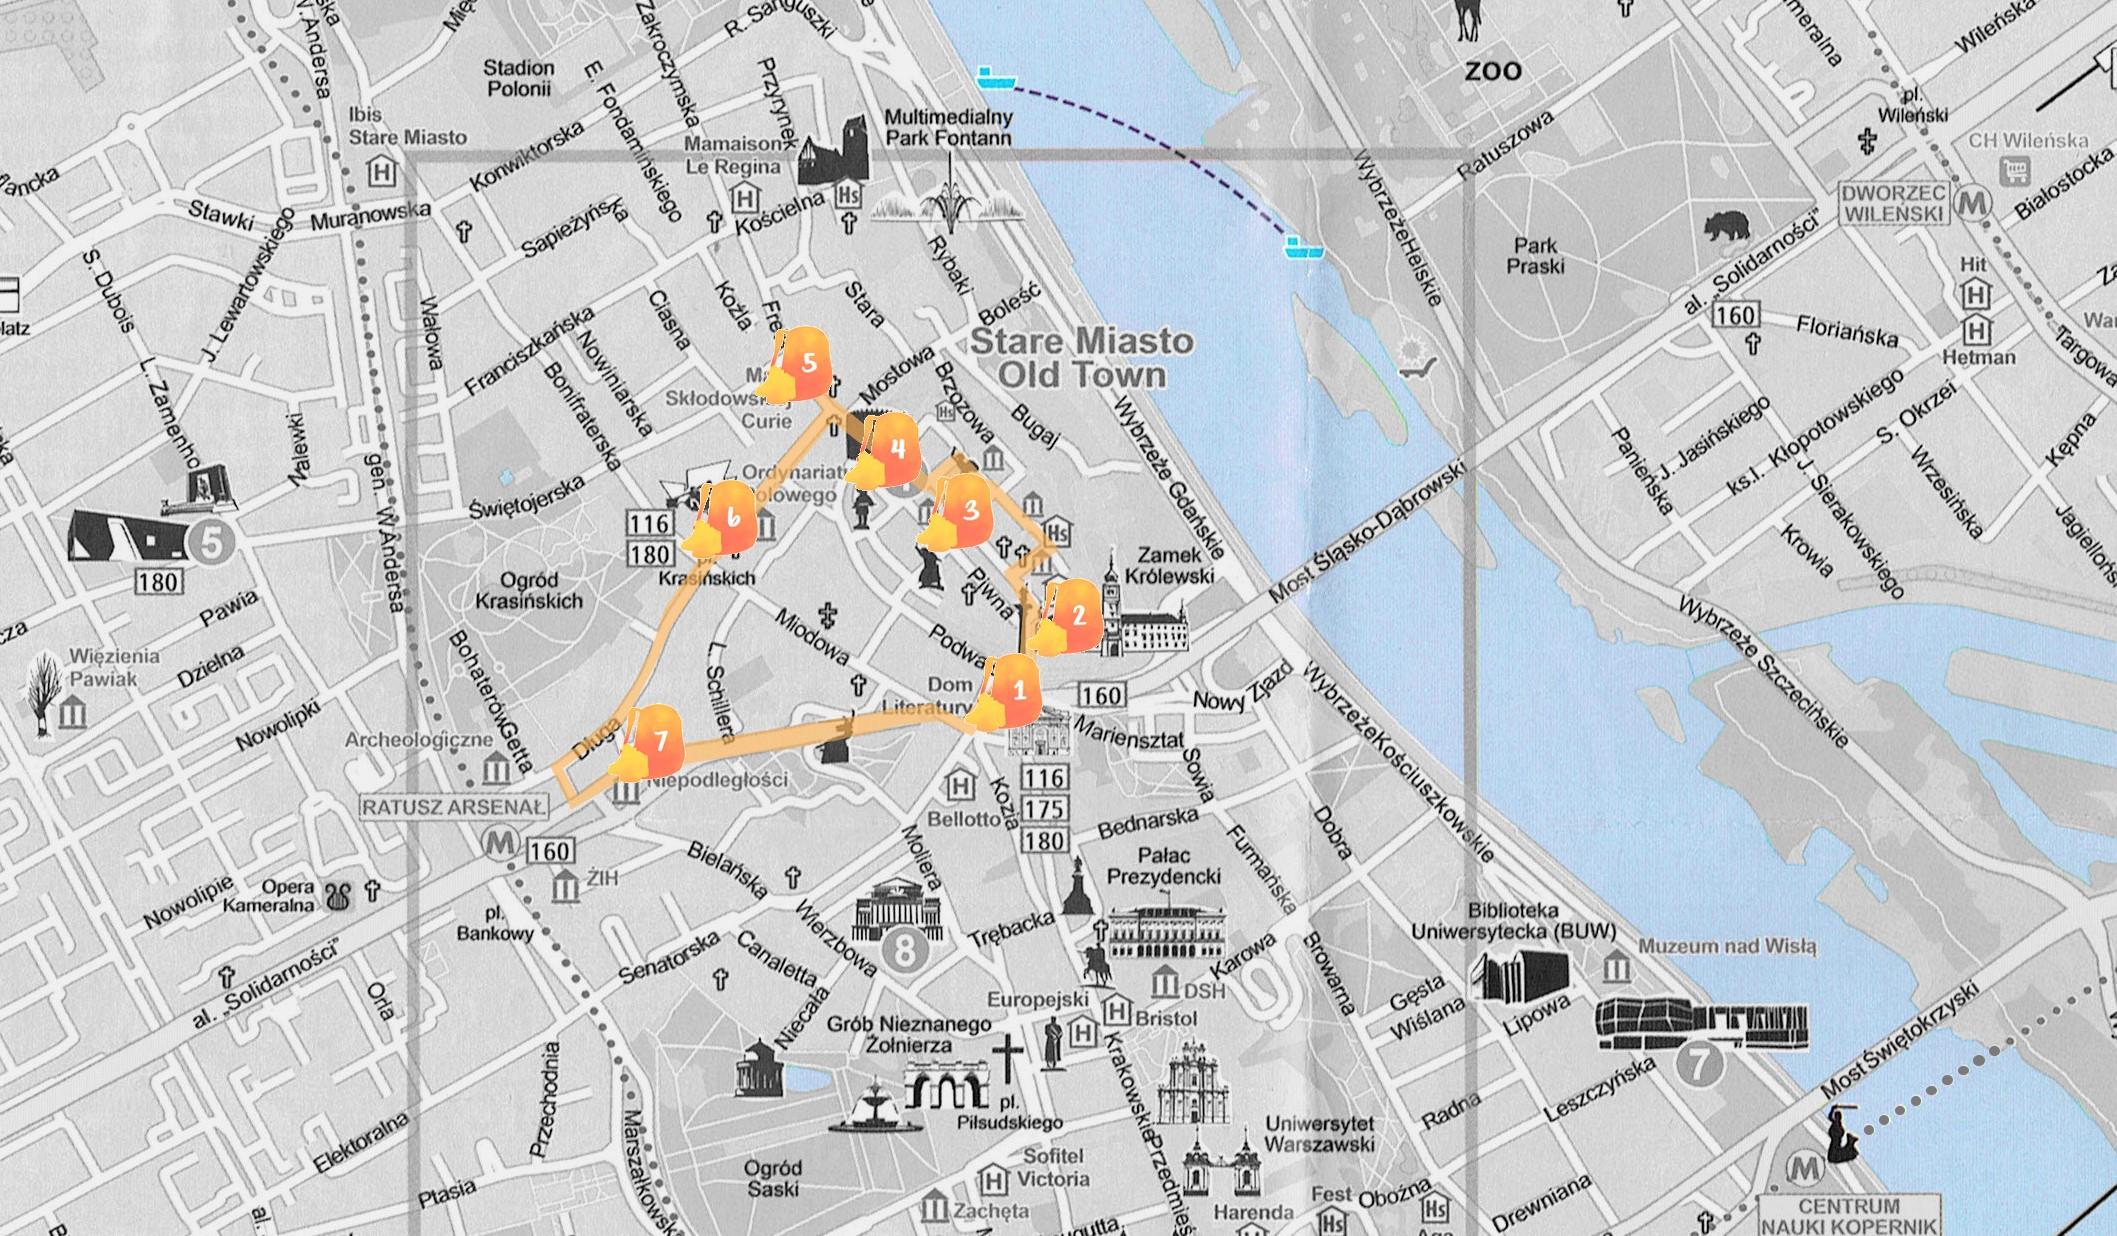 Mapa con la ruta que hicimos en nuestra primera ruta por Varsovia